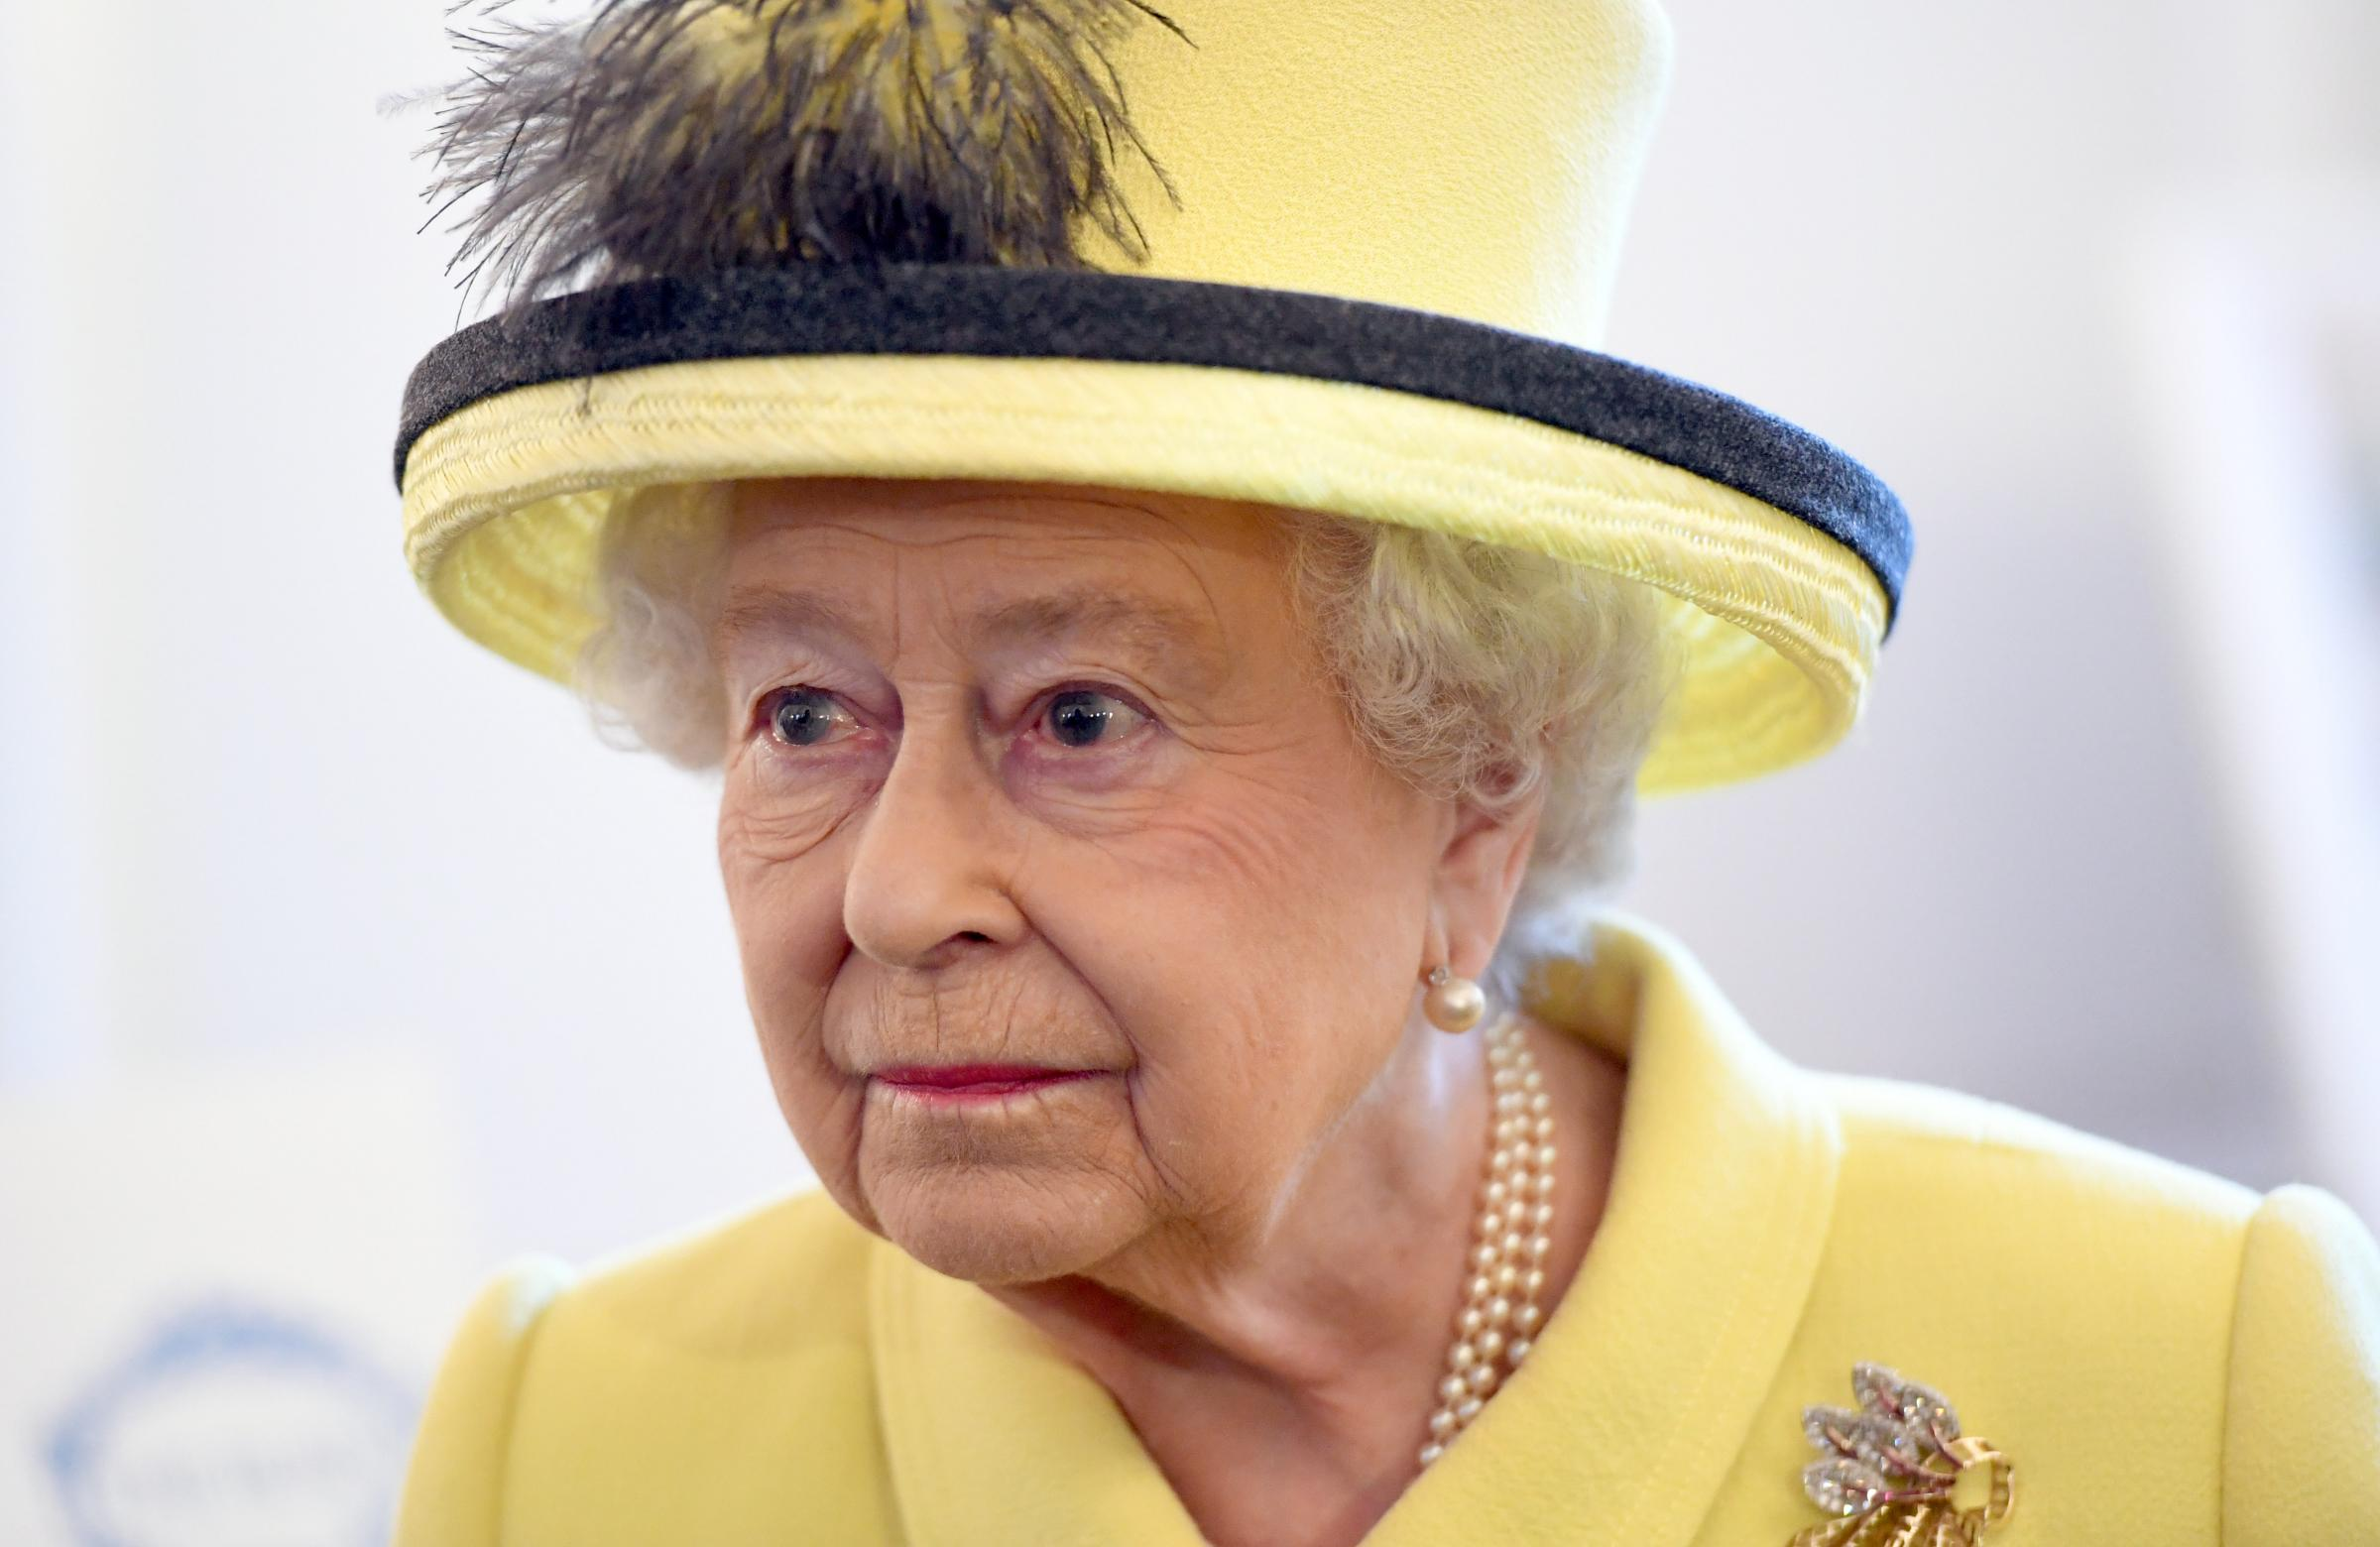 Royal year 2016